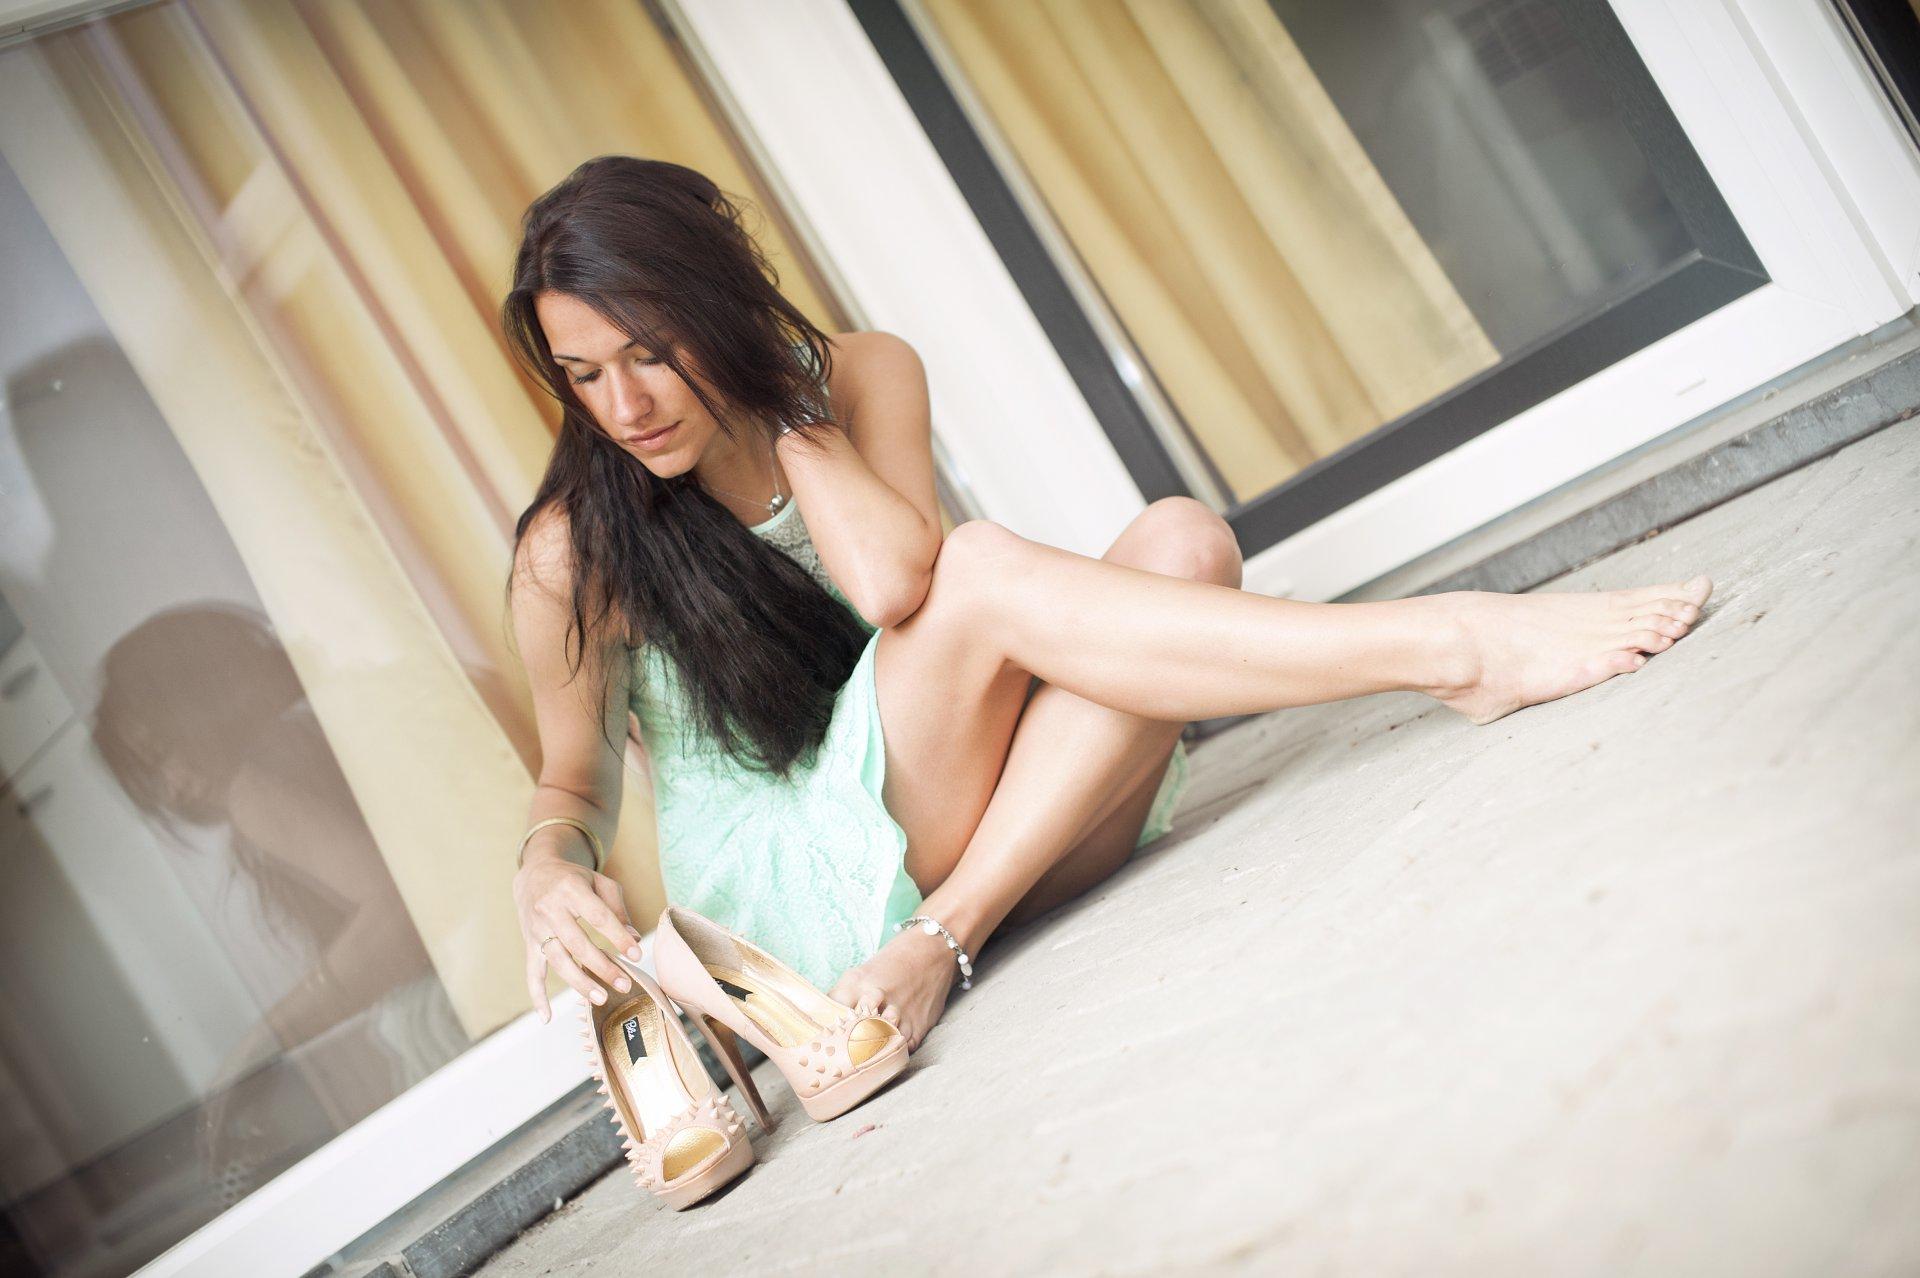 Шикарная брюнетка с красивыми ногами